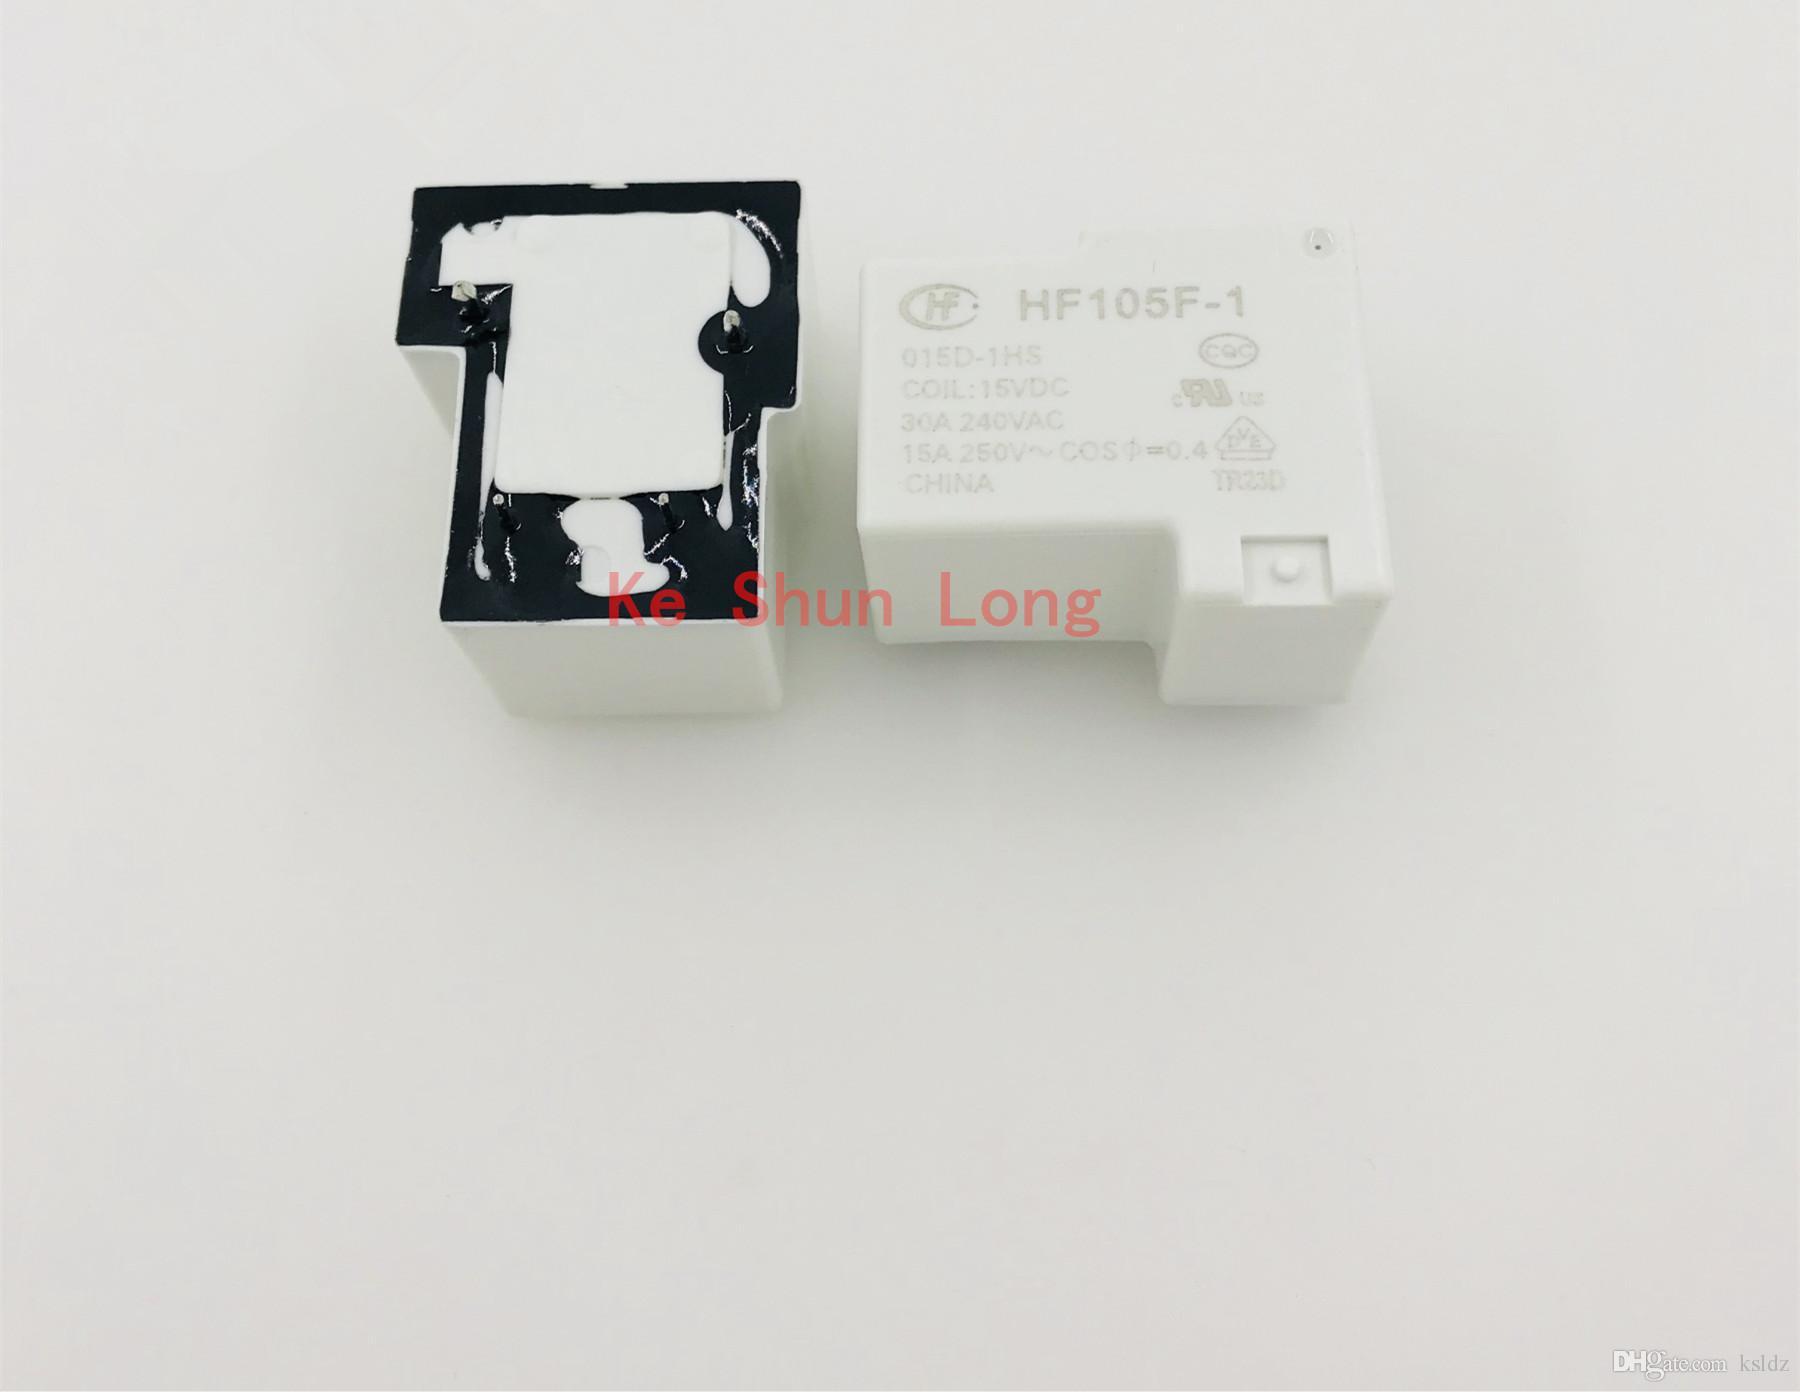 Ücretsiz kargo lot (5 adet / grup) 100% Orijinal Yeni HF JQX-105F-1-009D-1HS JQX-105F-1-015D-1HS JQX-105F-1-048D-1HS 4 PINS 30A Güç Rölesi